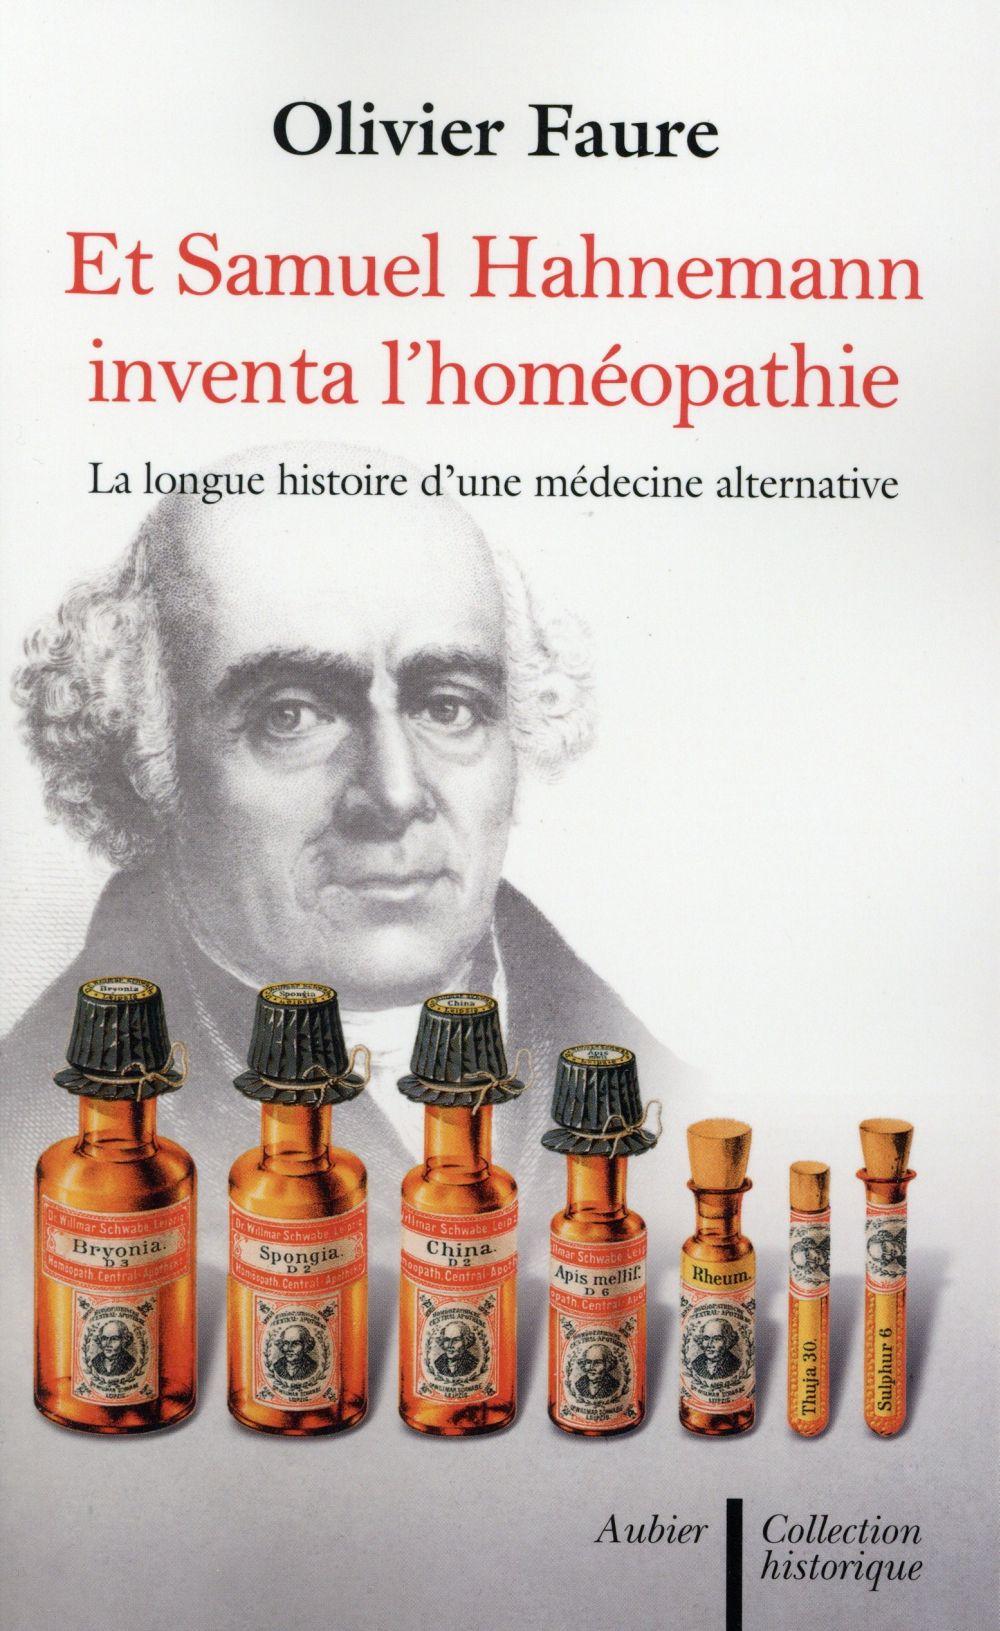 Et Samuel Hahnemann inventa l'homéopathie ; la longue histoire d'une médecine alternative